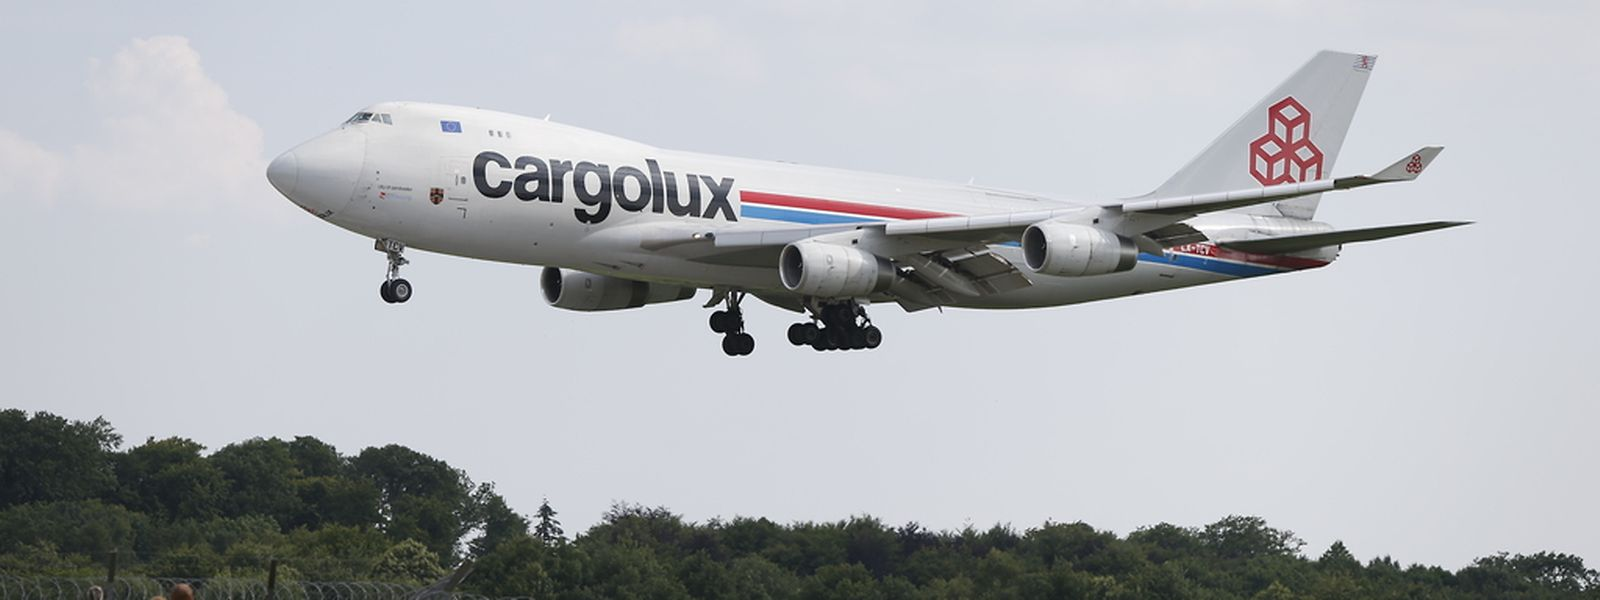 Von jetzt an erfolgen die Verhandlungen zwischen den Gewerkschaften und der Cargolux-Direktion vor dem Schlichtungsamt.